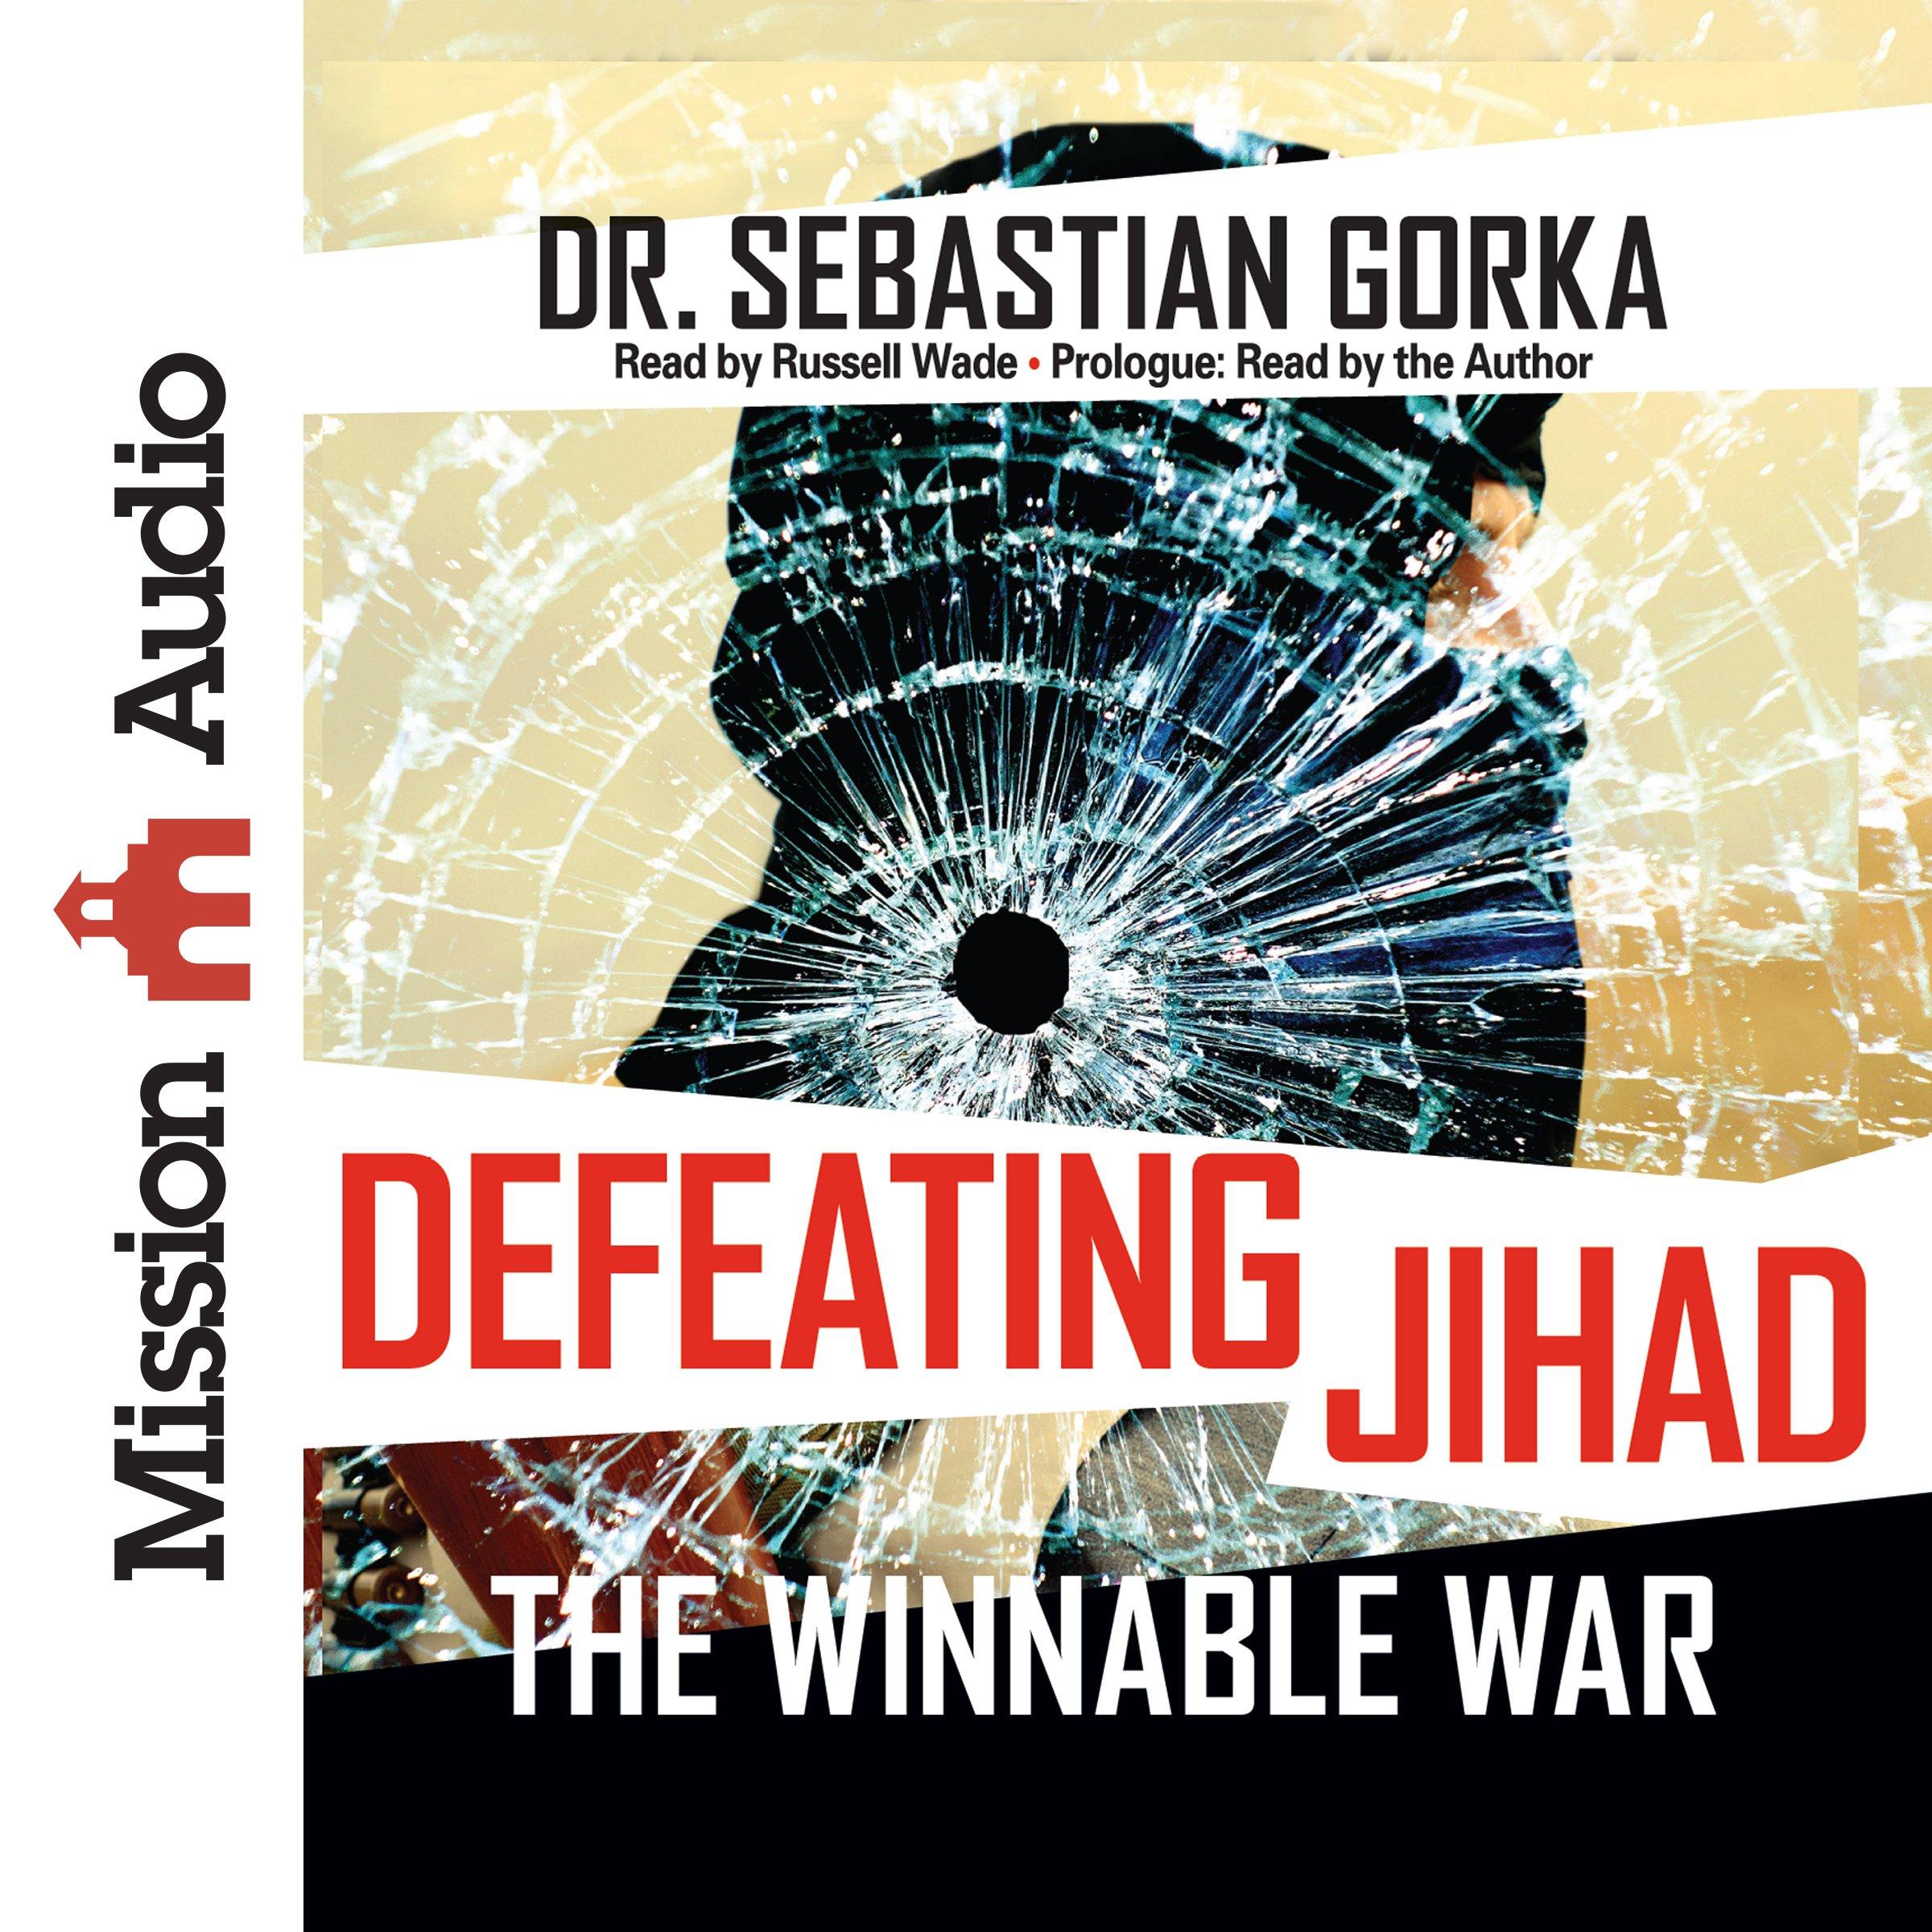 Defeating Jihad: The Winnable War